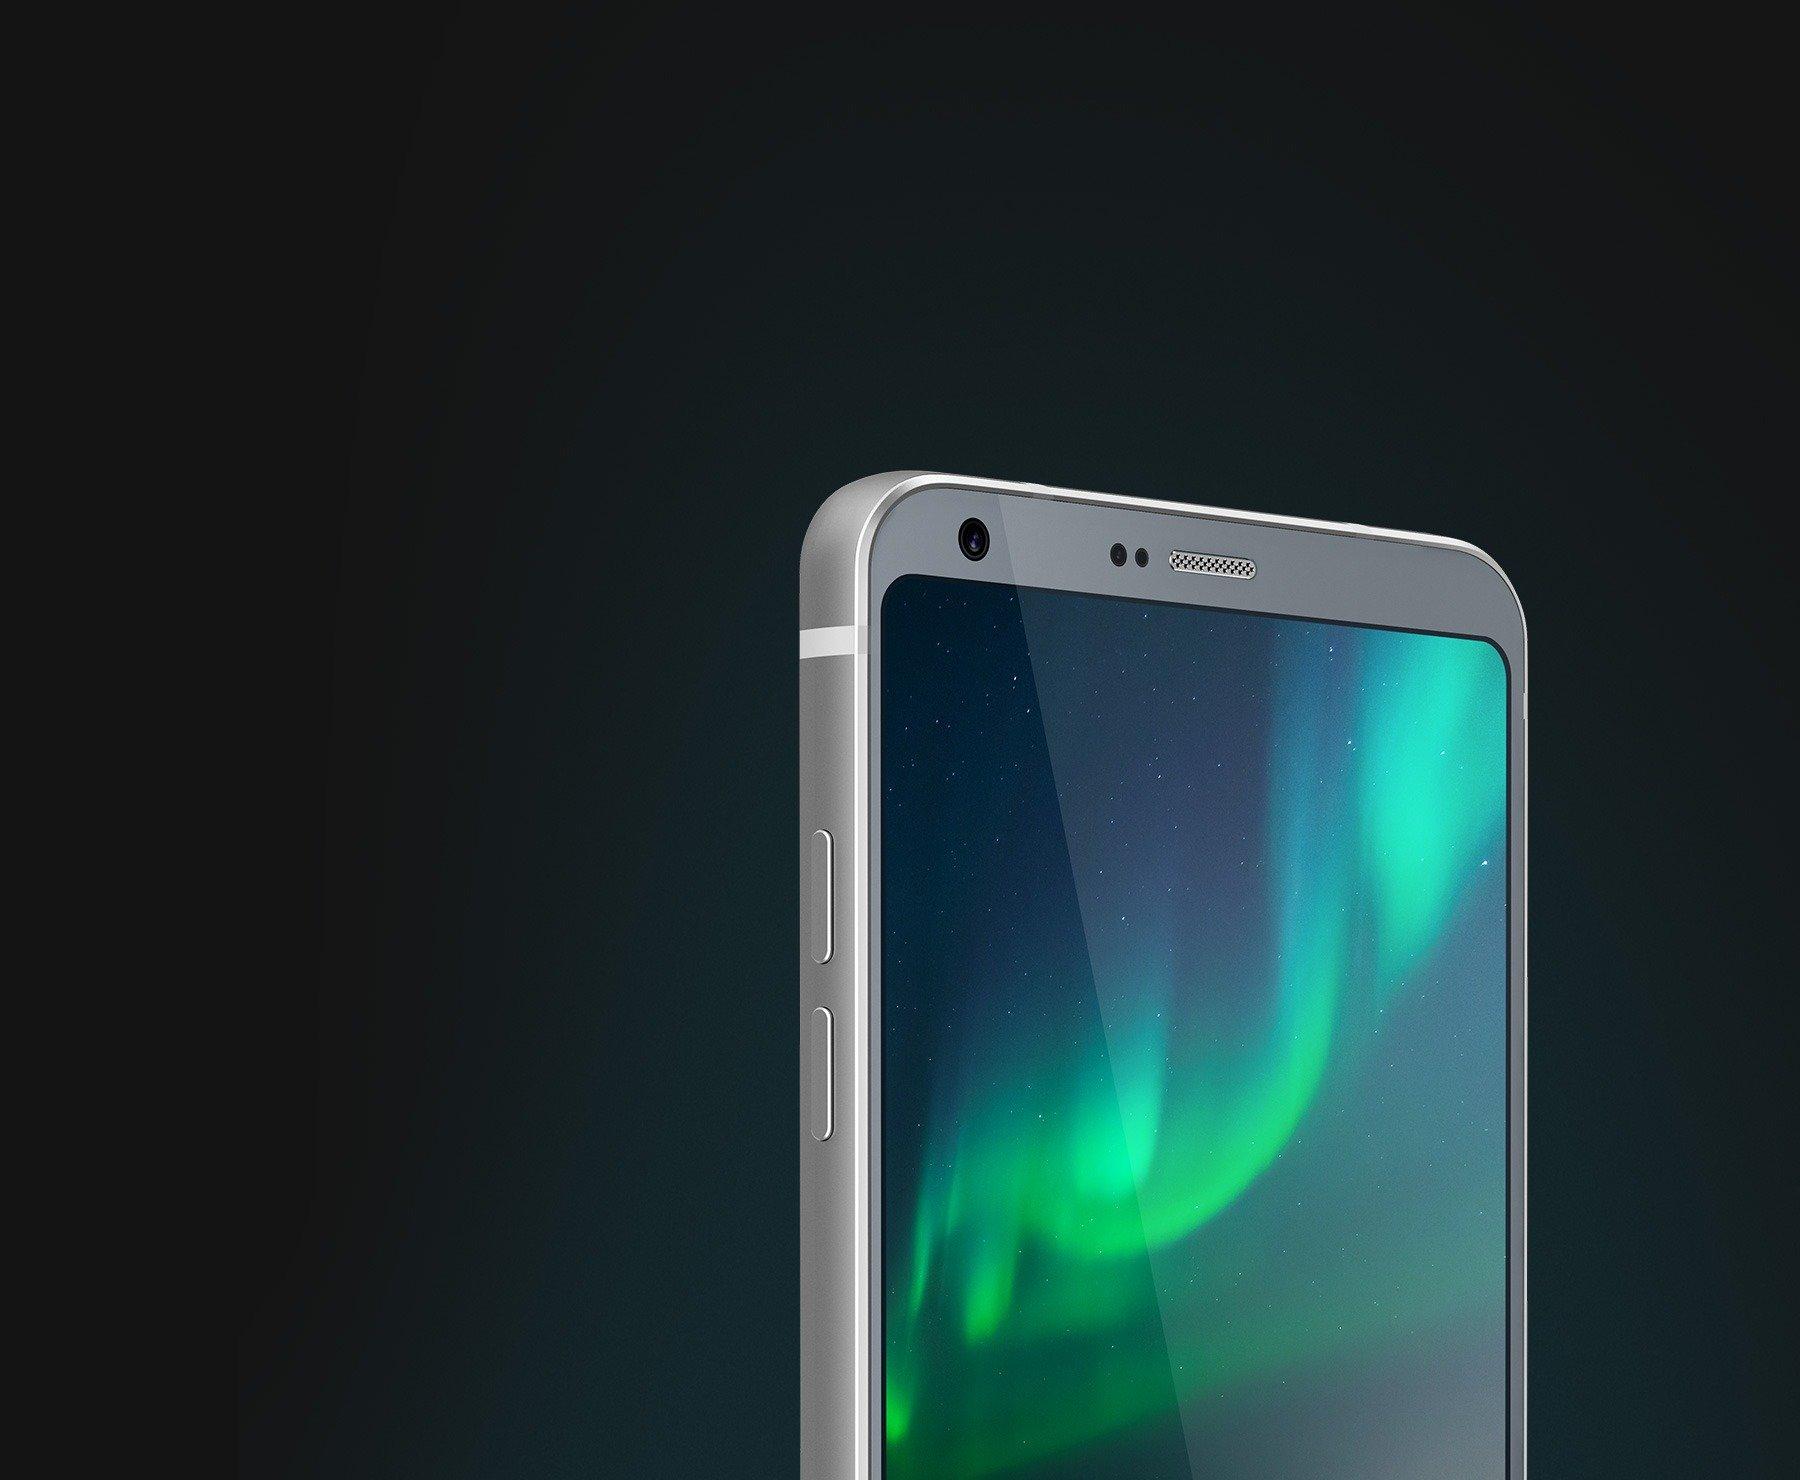 LG G6 India